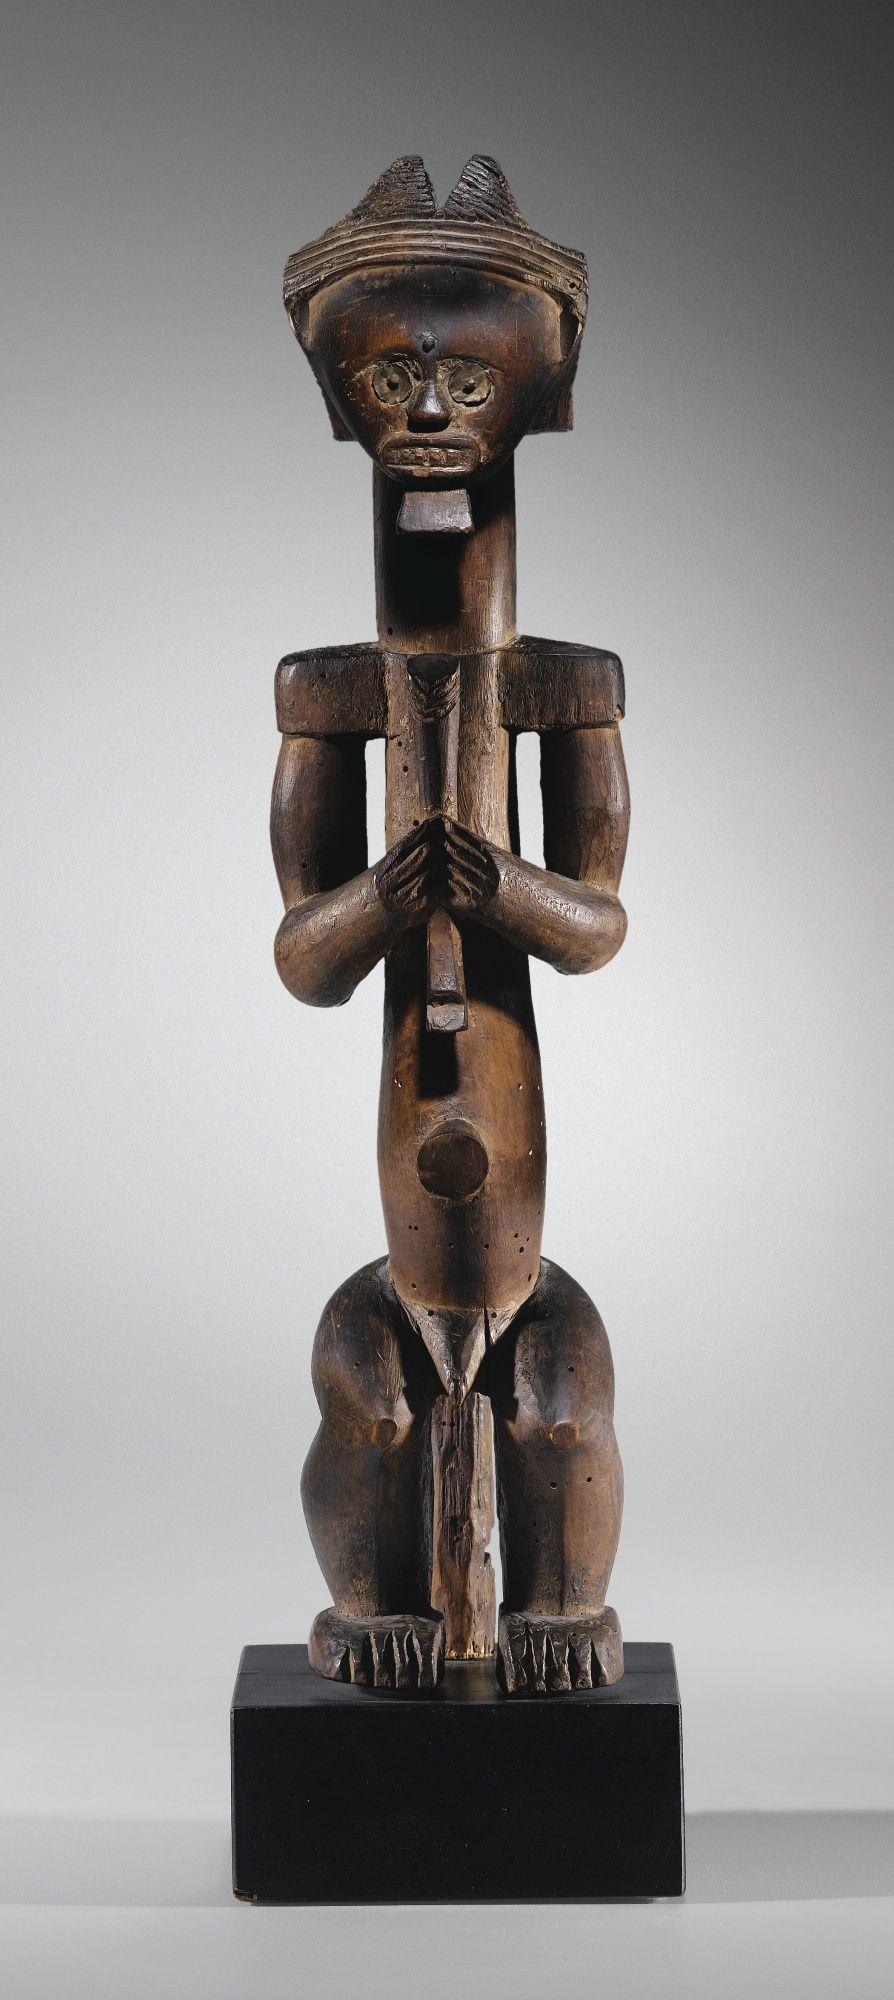 Figure de reliquaire, Fang, Cameroun | lot | Sotheby's Célébrée dès les années 1910 de part et d'autre de l'Atlantique par les membres de l'avant-garde, la statuaire de la région côtière du Cameroun – la première collectée parmi les styles Fang de la zone Gabon, Cameroun, Guinée Équatoriale – s'impose aujourd'hui comme l'un des corpus les plus restreints et les plus individualisés de l'emblématique art Fang. De petite dimension, ce qui est rare, cette figure de reliquaire eyima byeri, est…